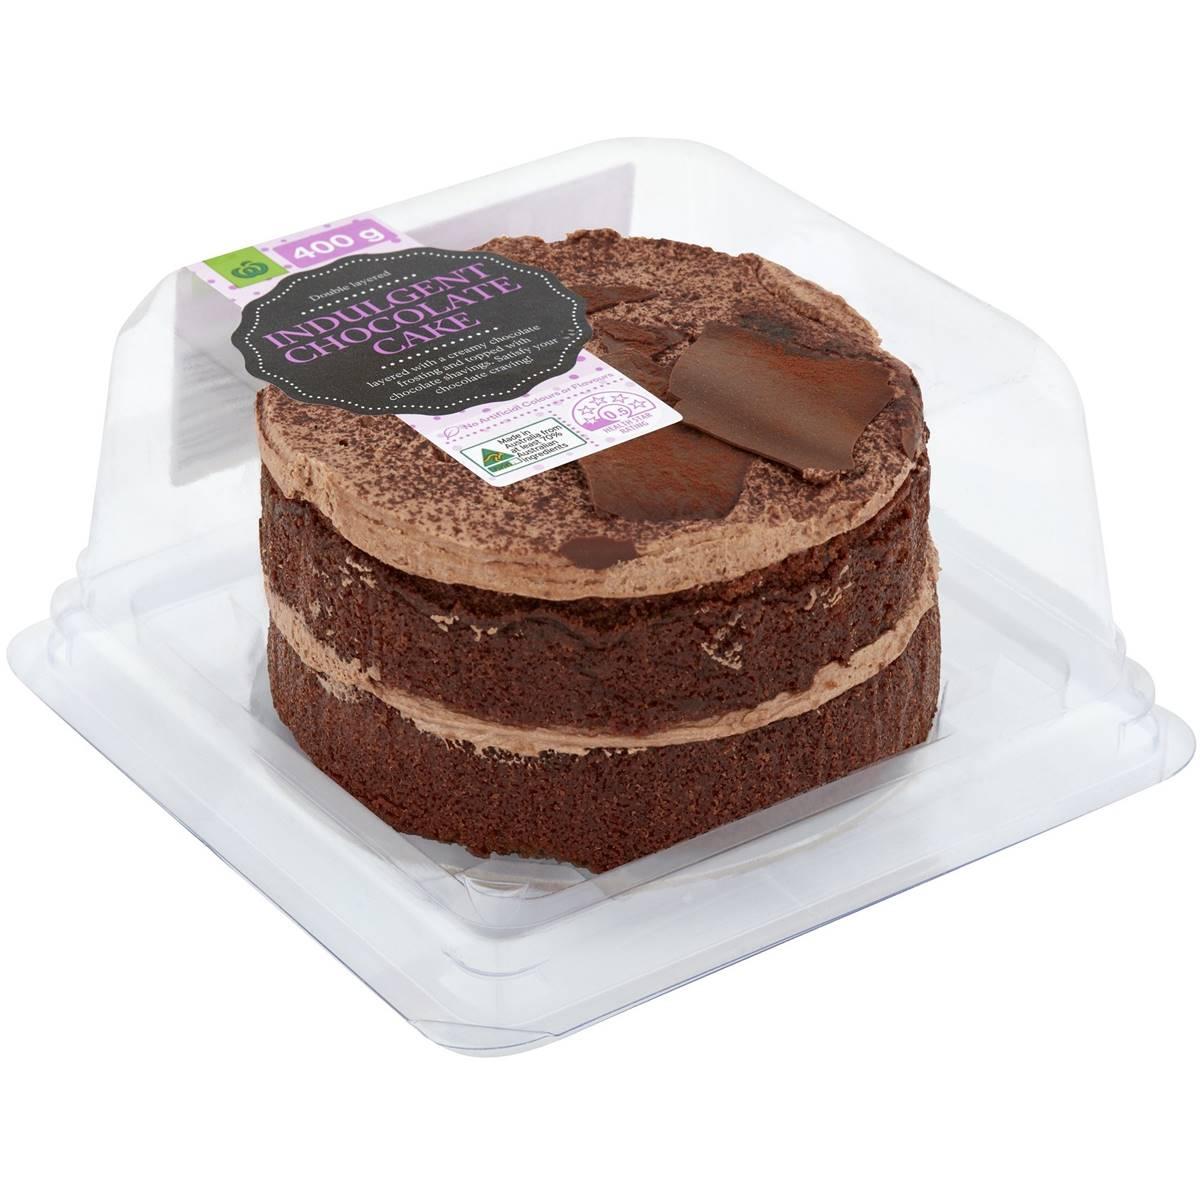 Chocolate Mud Cake Cupcakes